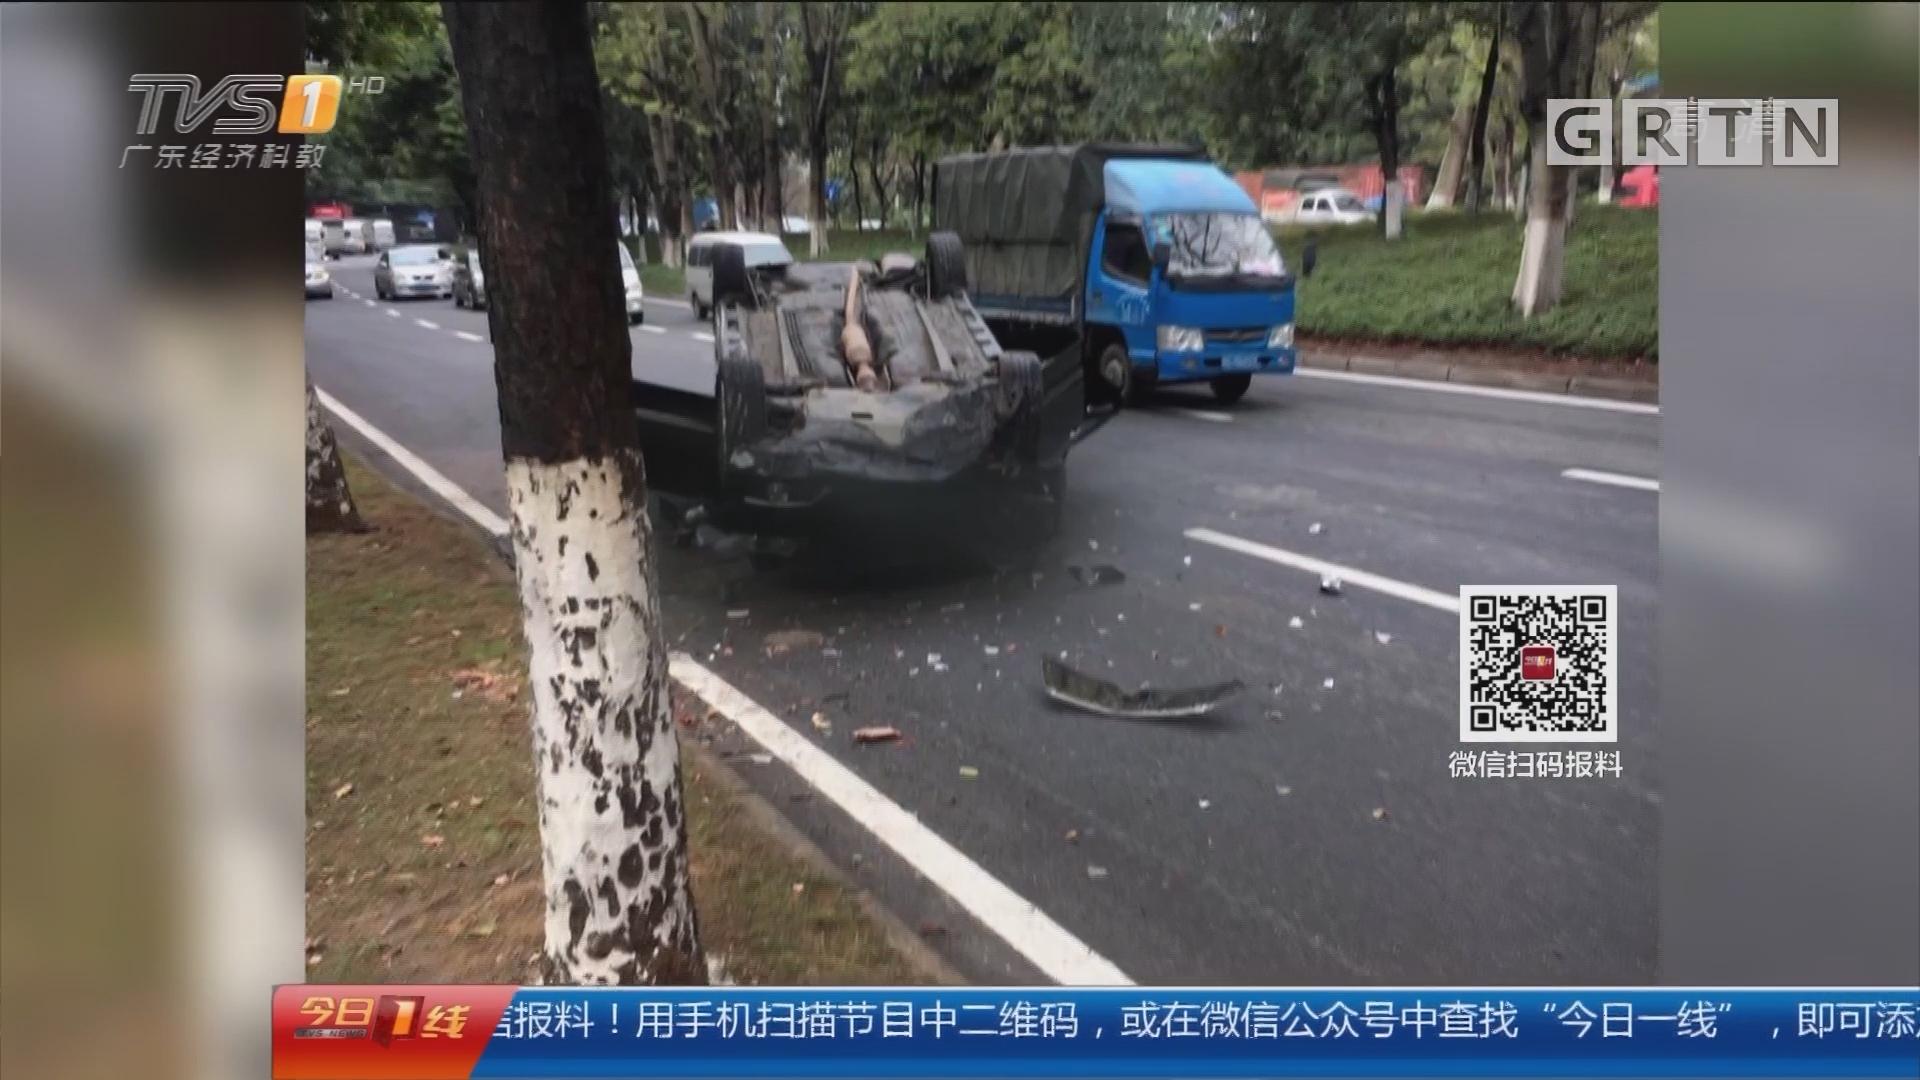 交通安全:东莞 车祸现场他砸玻璃救人 获锦旗致谢